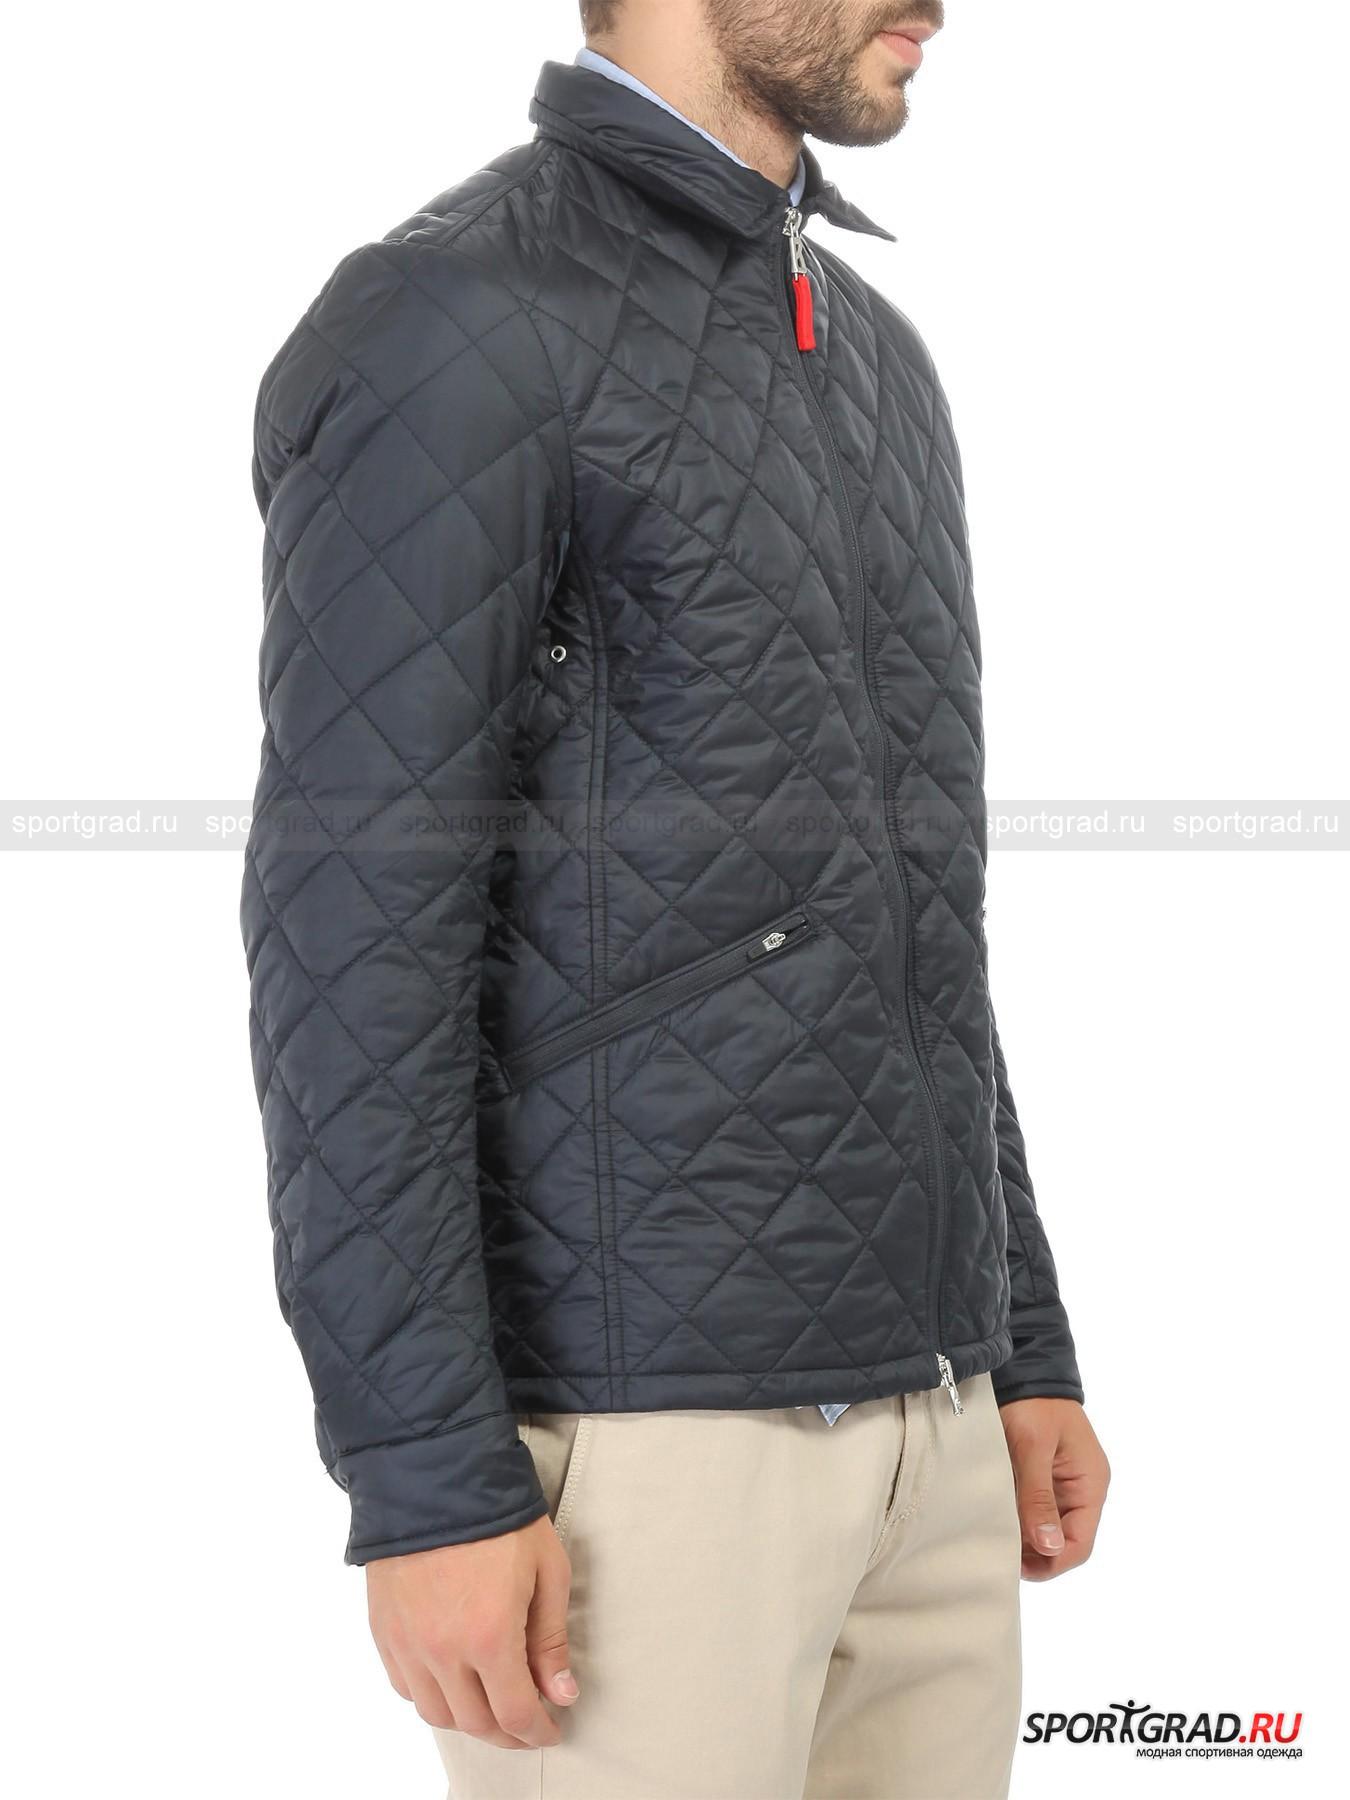 Куртка мужcкая Josh FIRE & ICE от Спортград